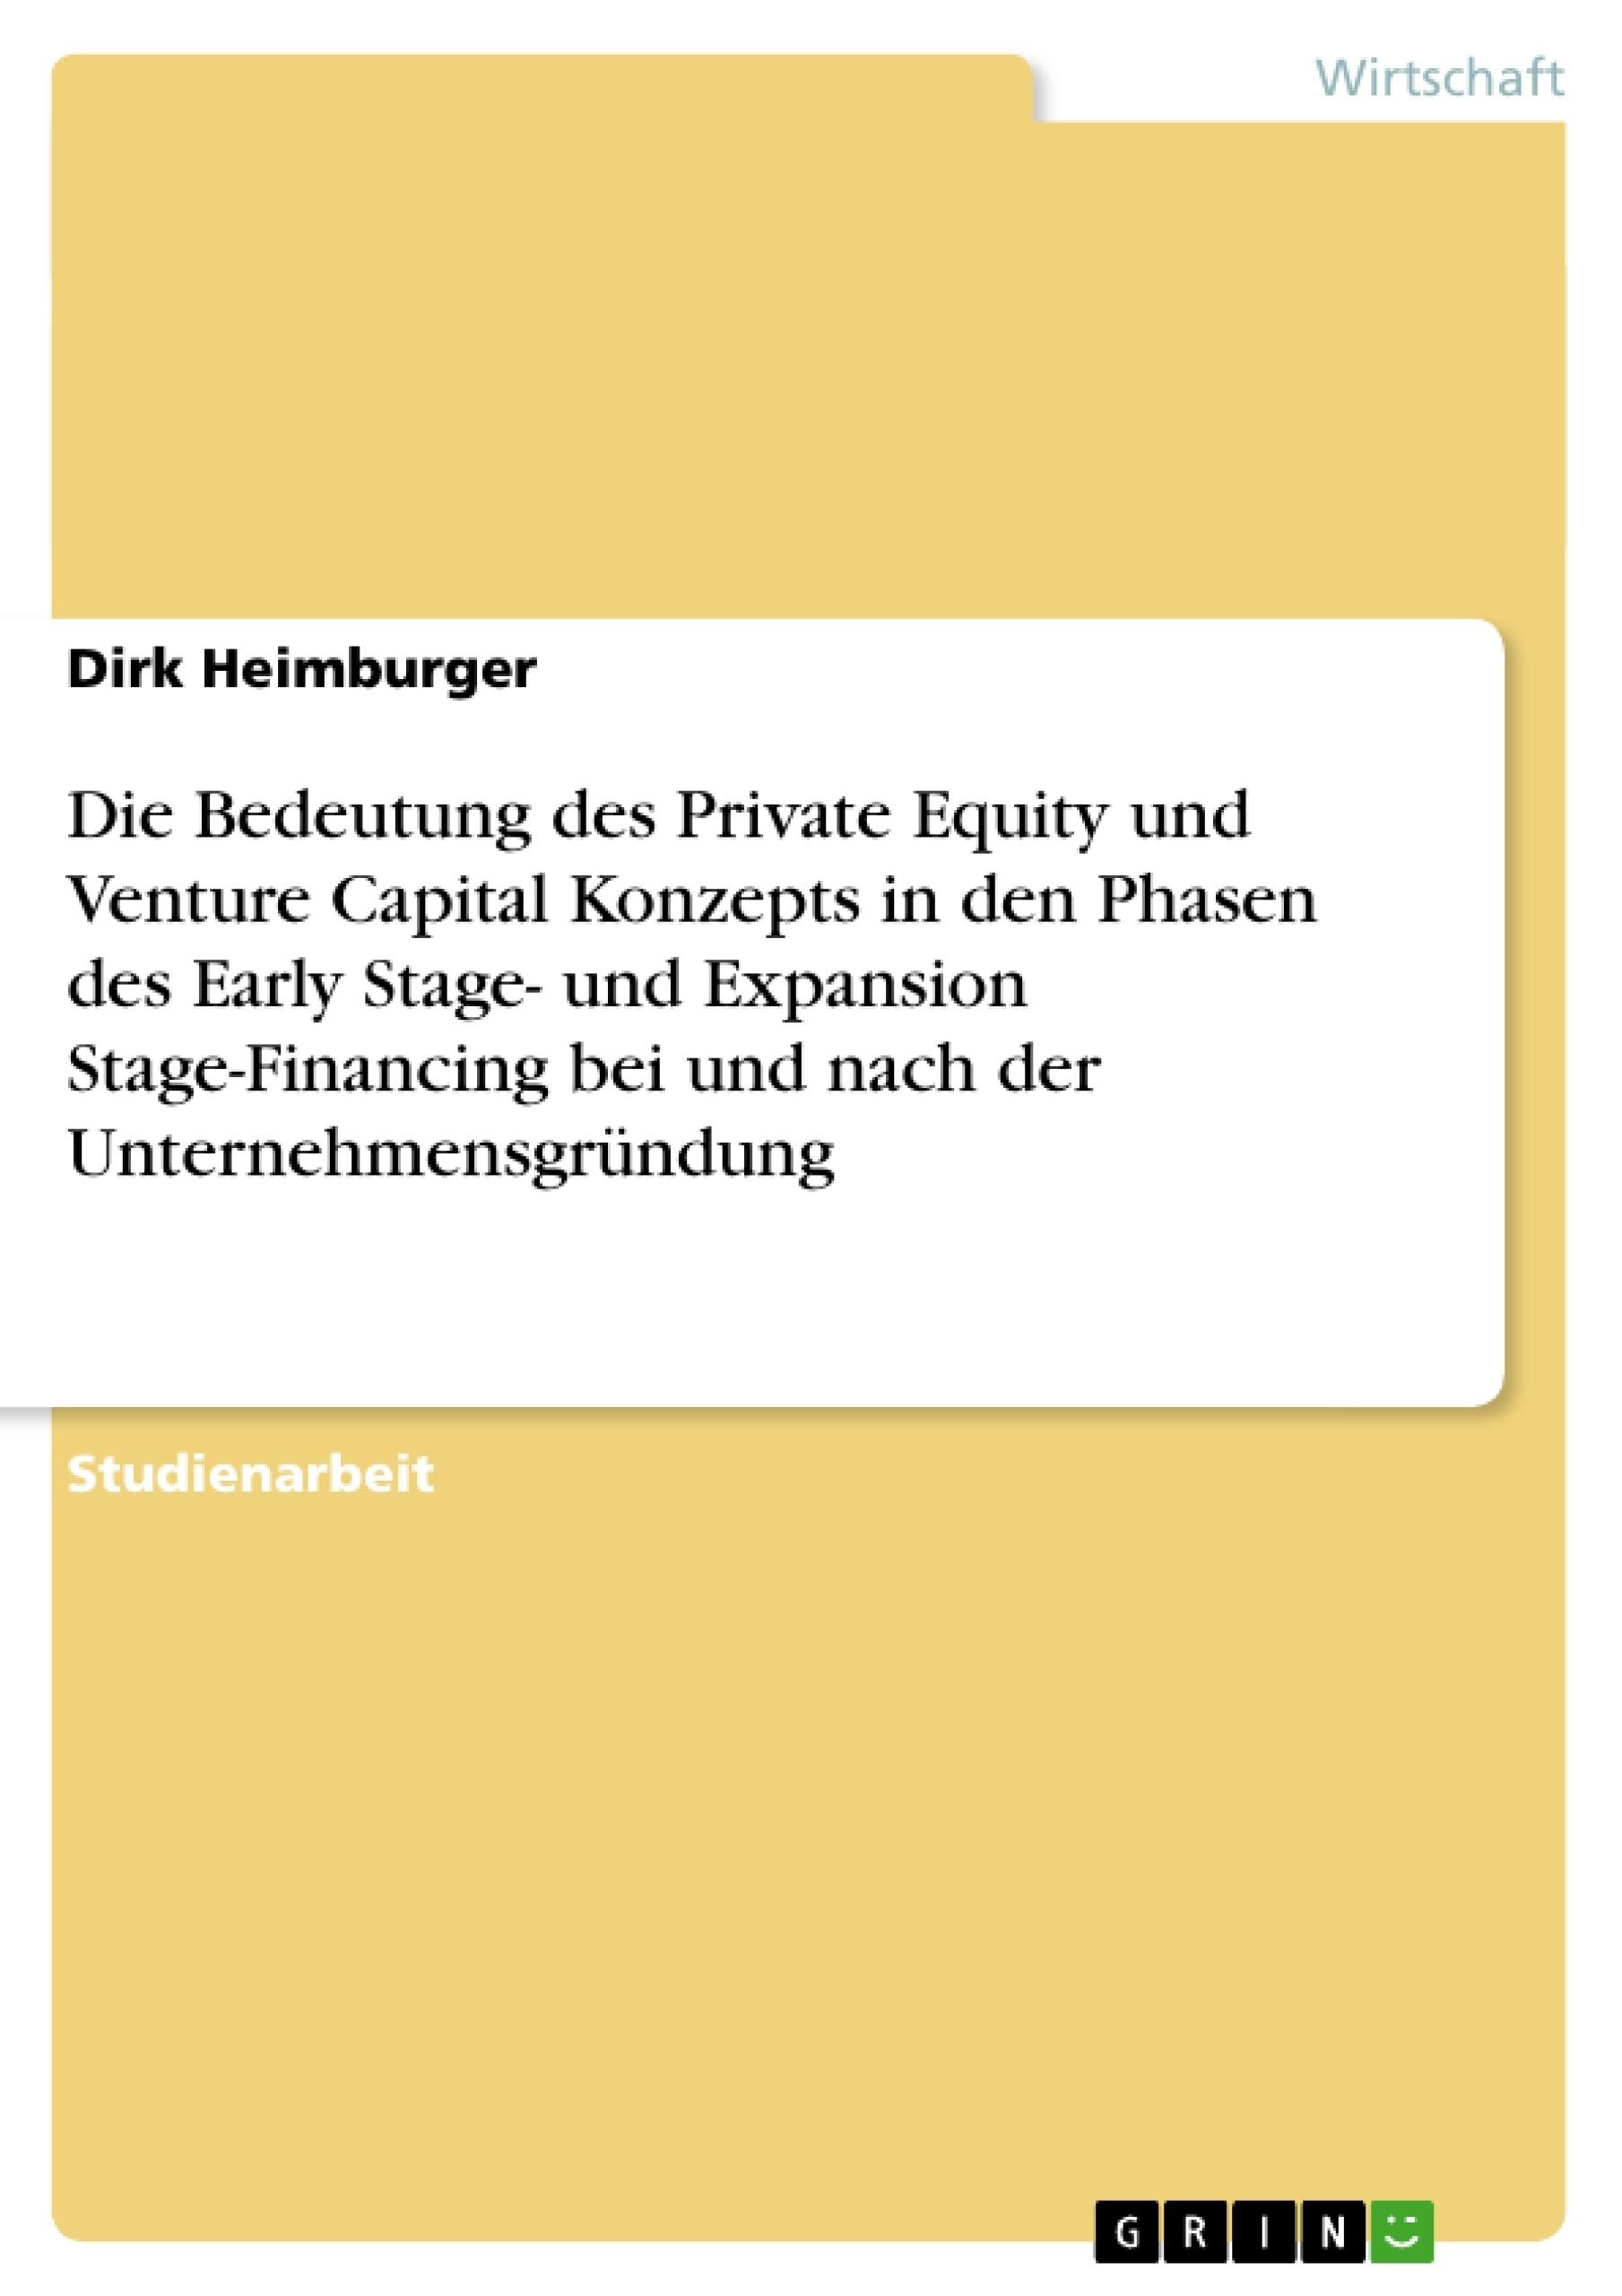 Titel: Die Bedeutung des Private Equity und Venture Capital Konzepts in den Phasen des Early Stage- und Expansion Stage-Financing bei und nach der Unternehmensgründung